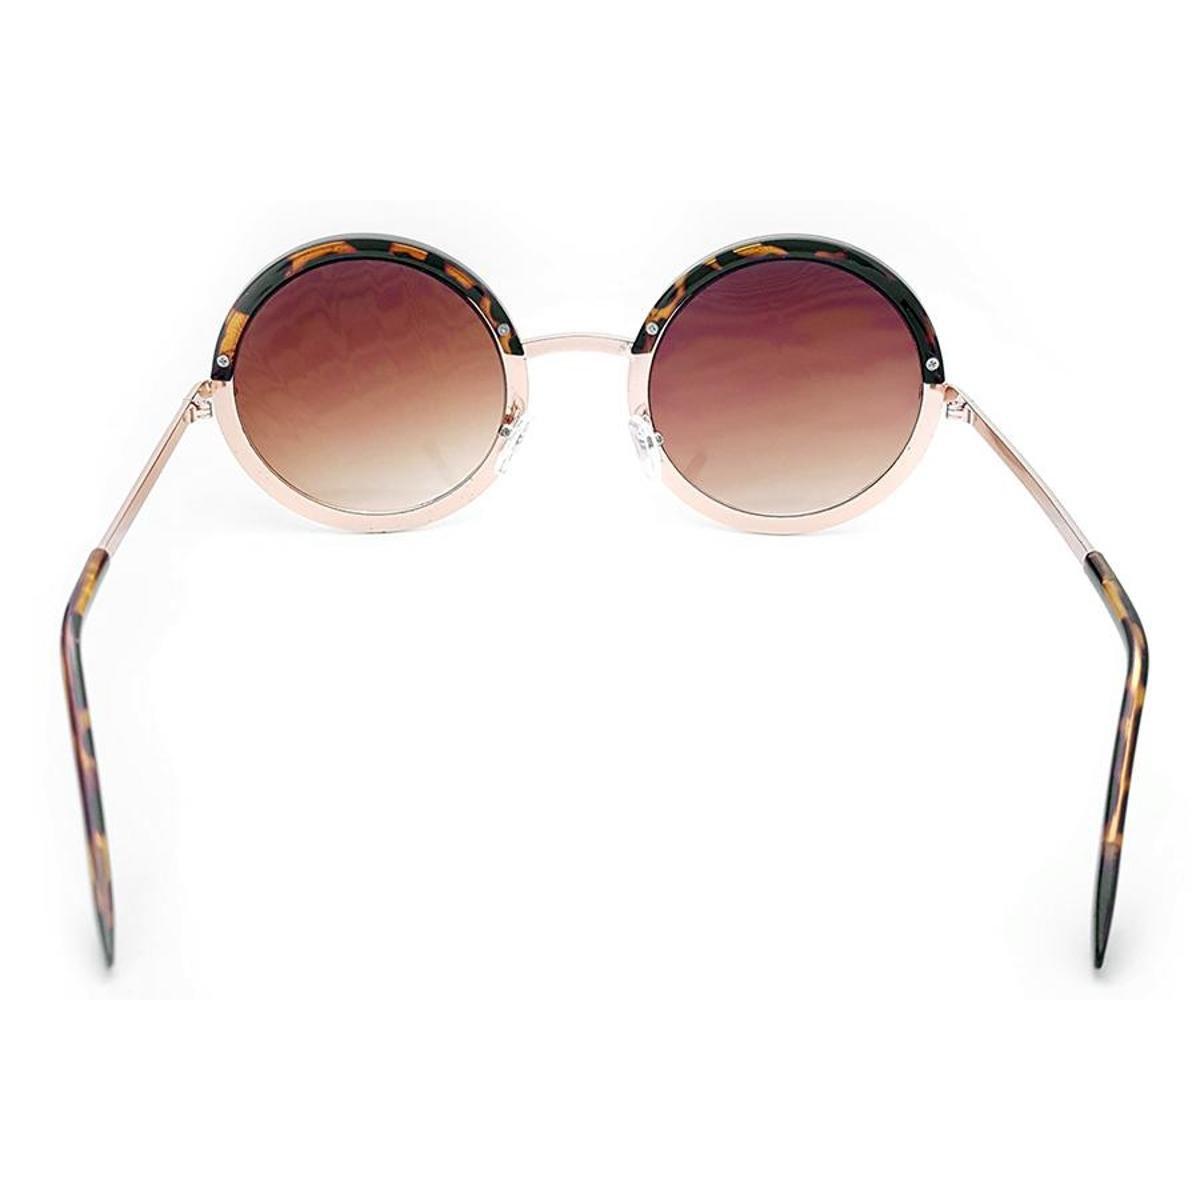 93007611752dc ... Óculos de Sol Gio Antonelli Tartaruga e Dourado Lente Marrom Degradê  Feminino